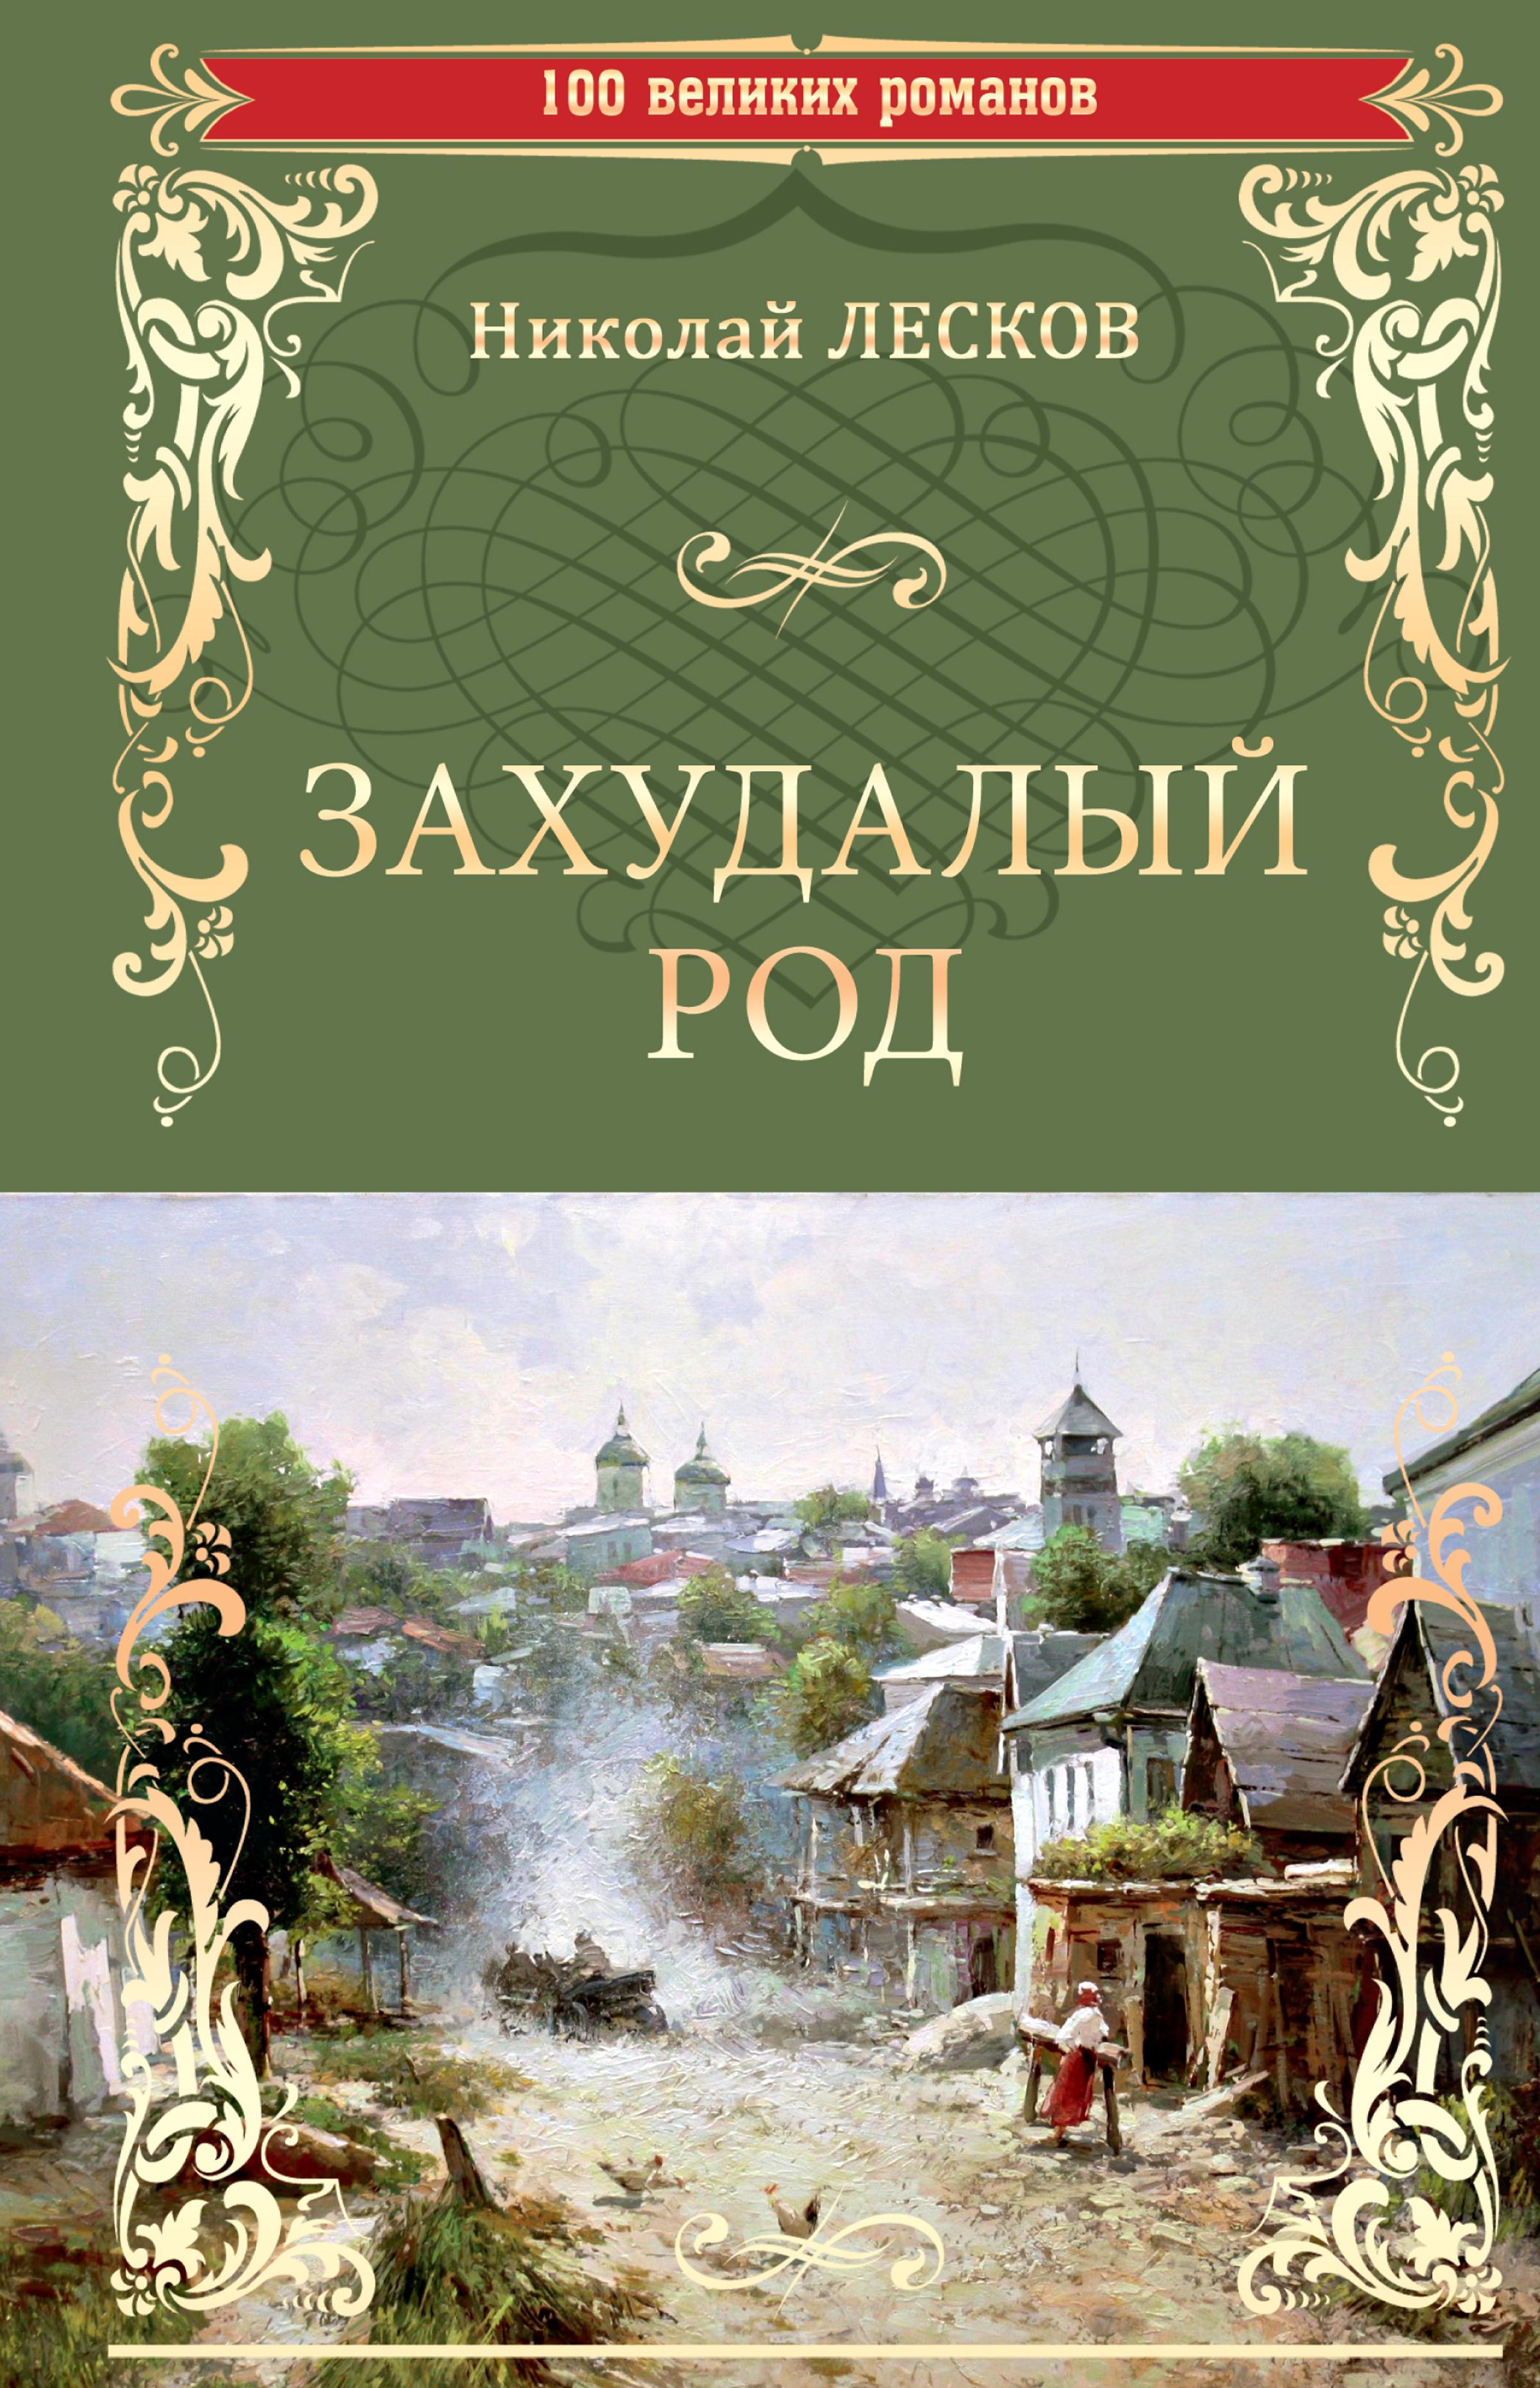 Купить книгу Захудалый род, автора Николая Лескова